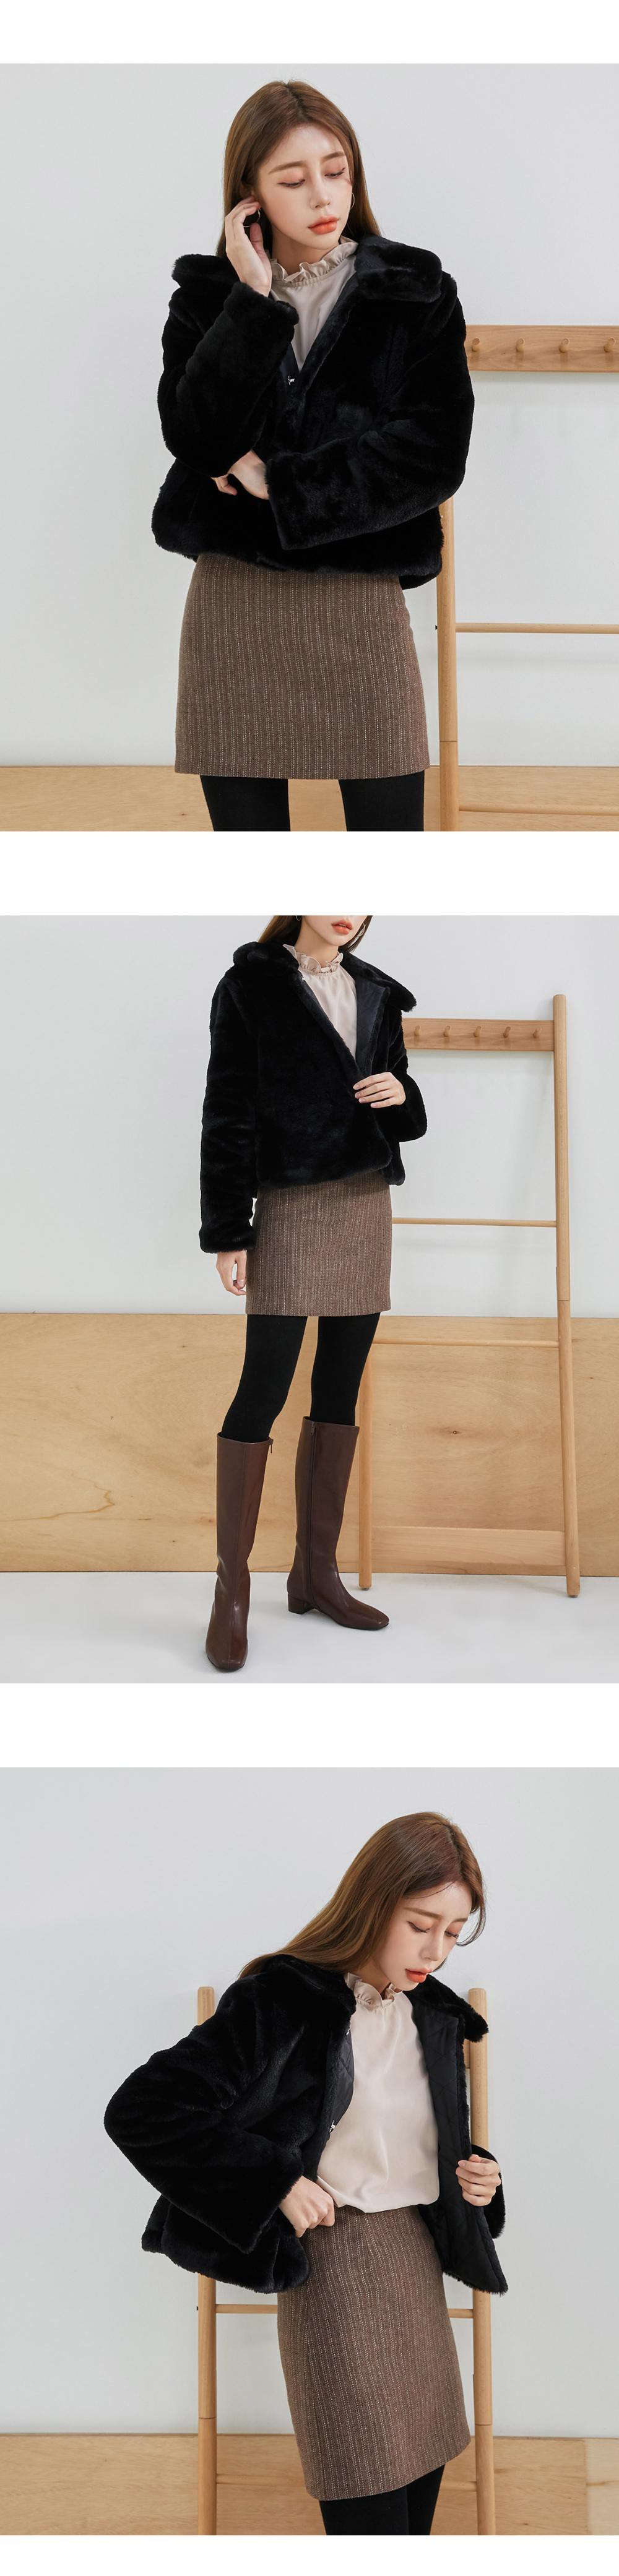 accessories model image-S1L8